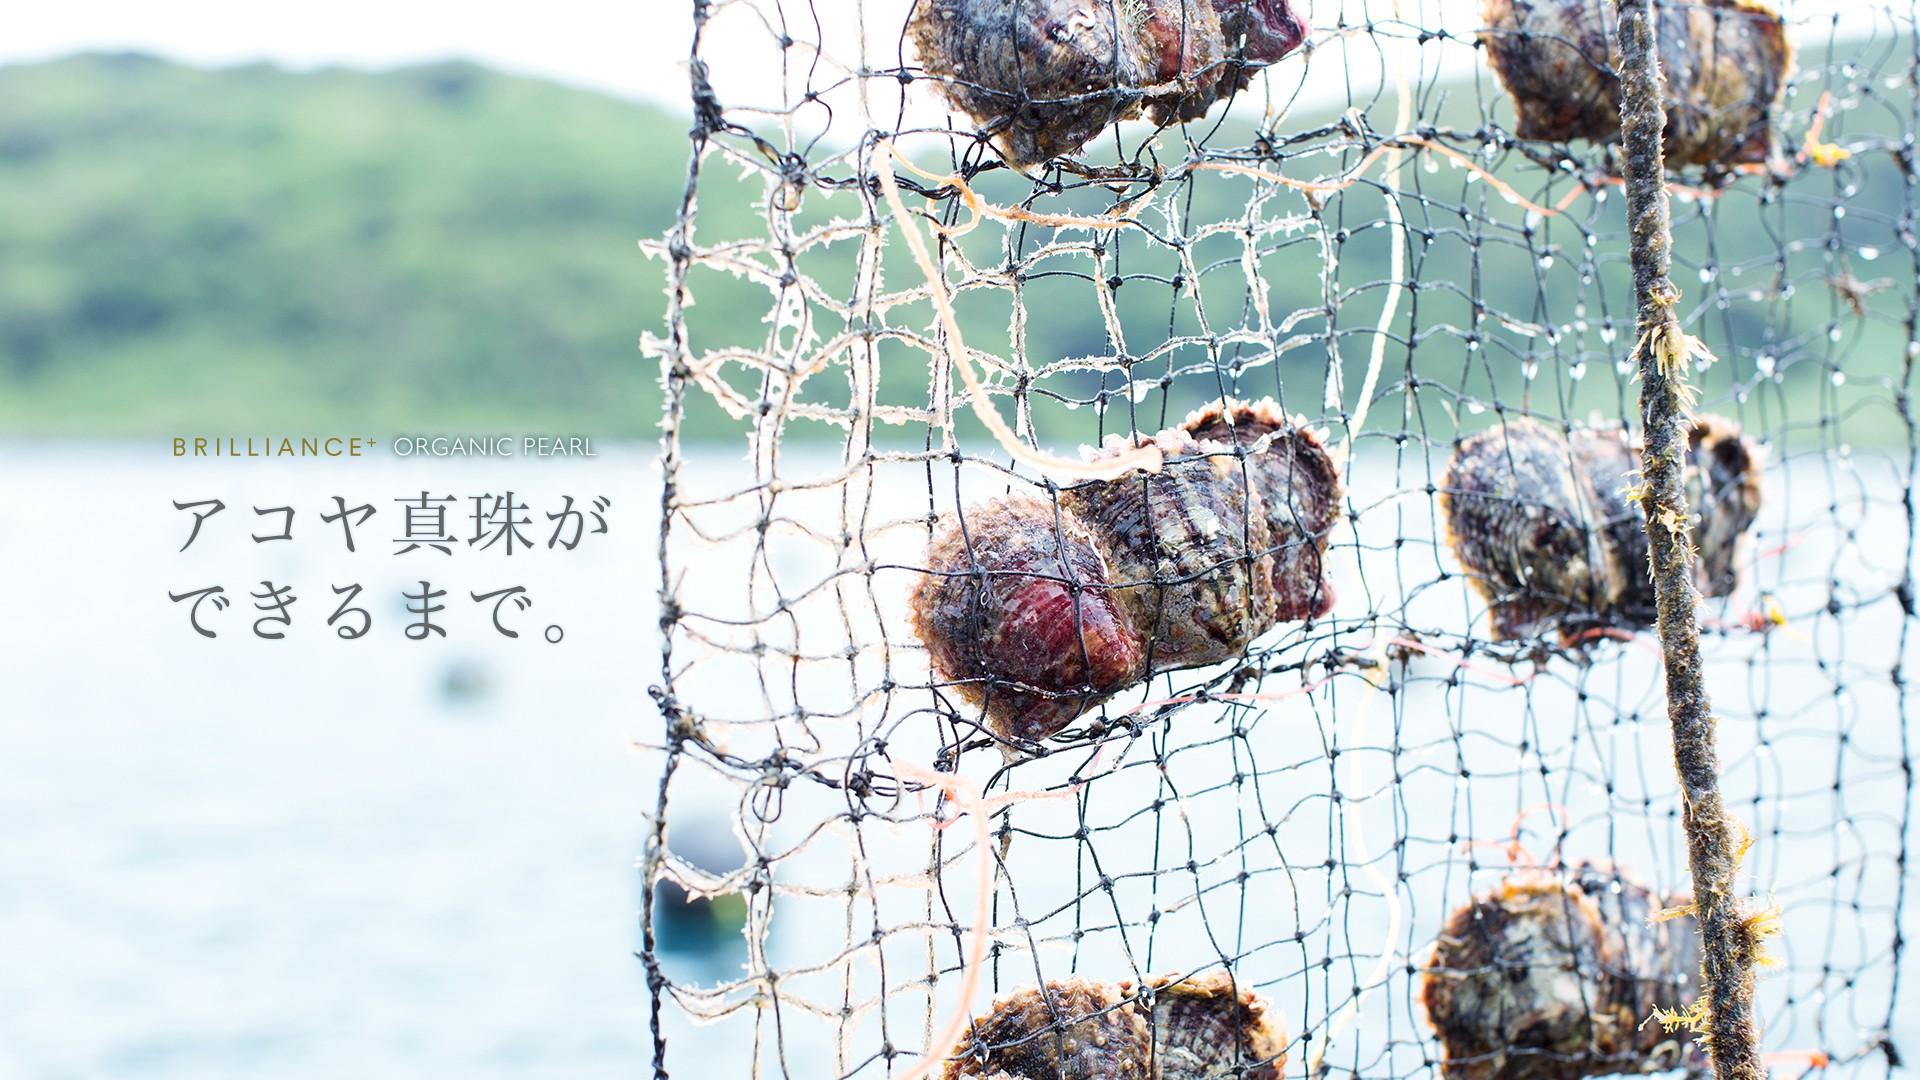 アコヤ真珠は日本の美しい海で大切に育てられています